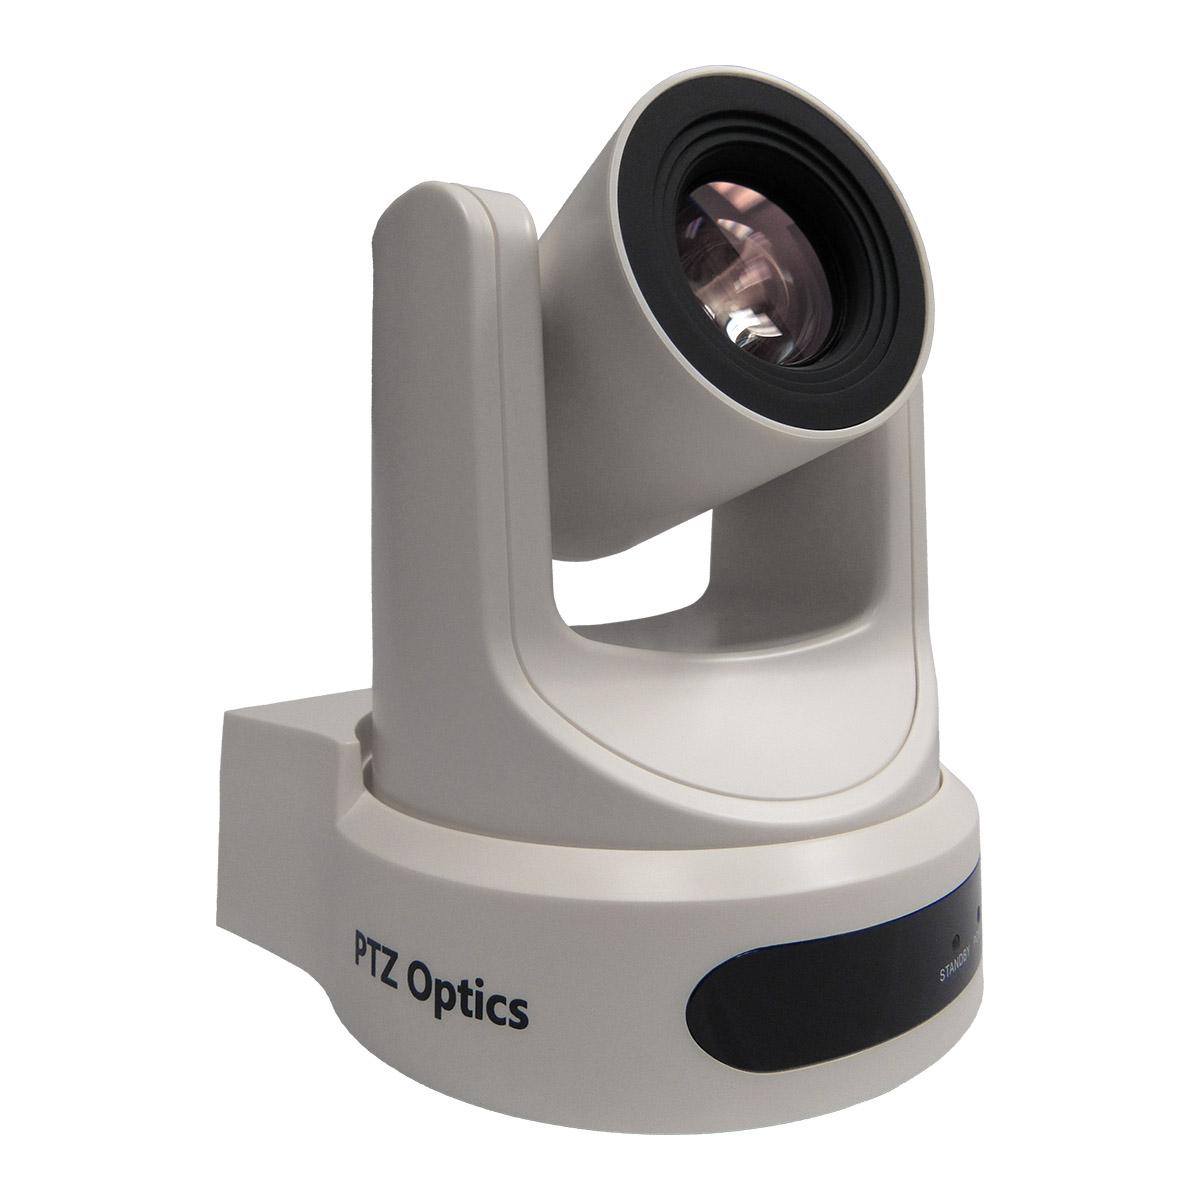 PTZOptics 20x NDI PTZ Camera (White) PT20X-NDI-WH